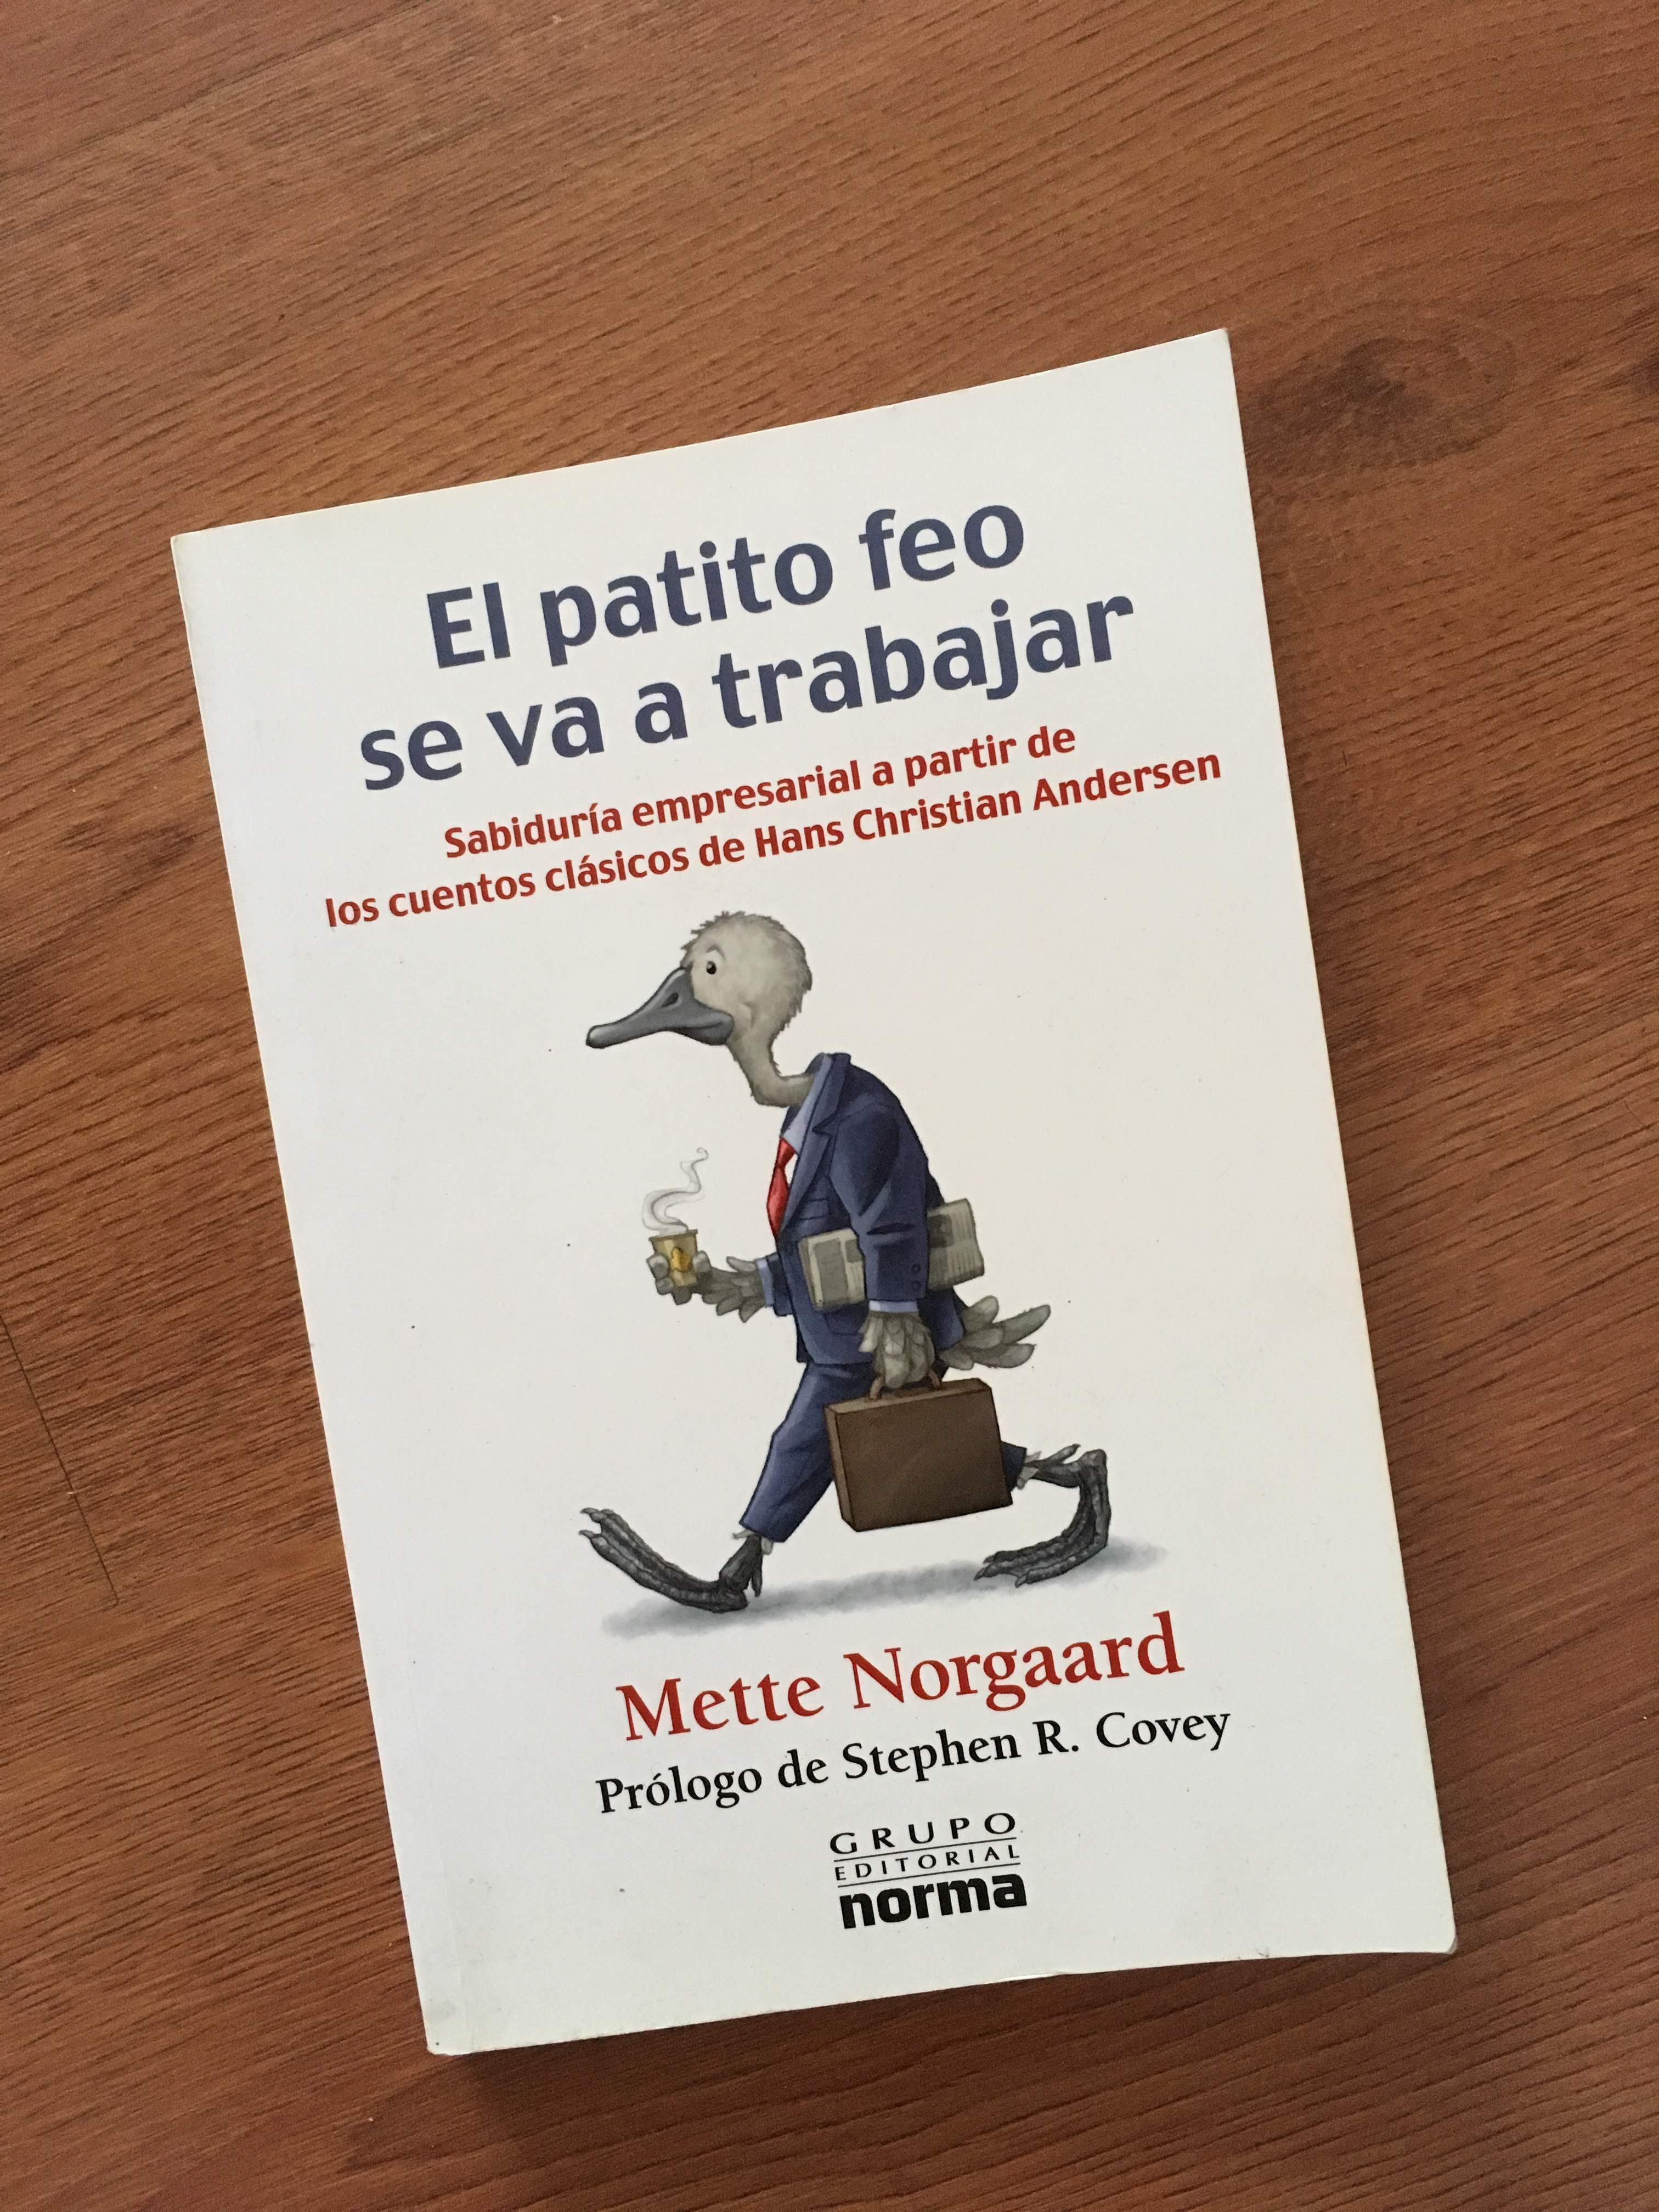 Portada del libro El patito feo se va a trabajar. (Foto: Sandra Ramírez Checnes)